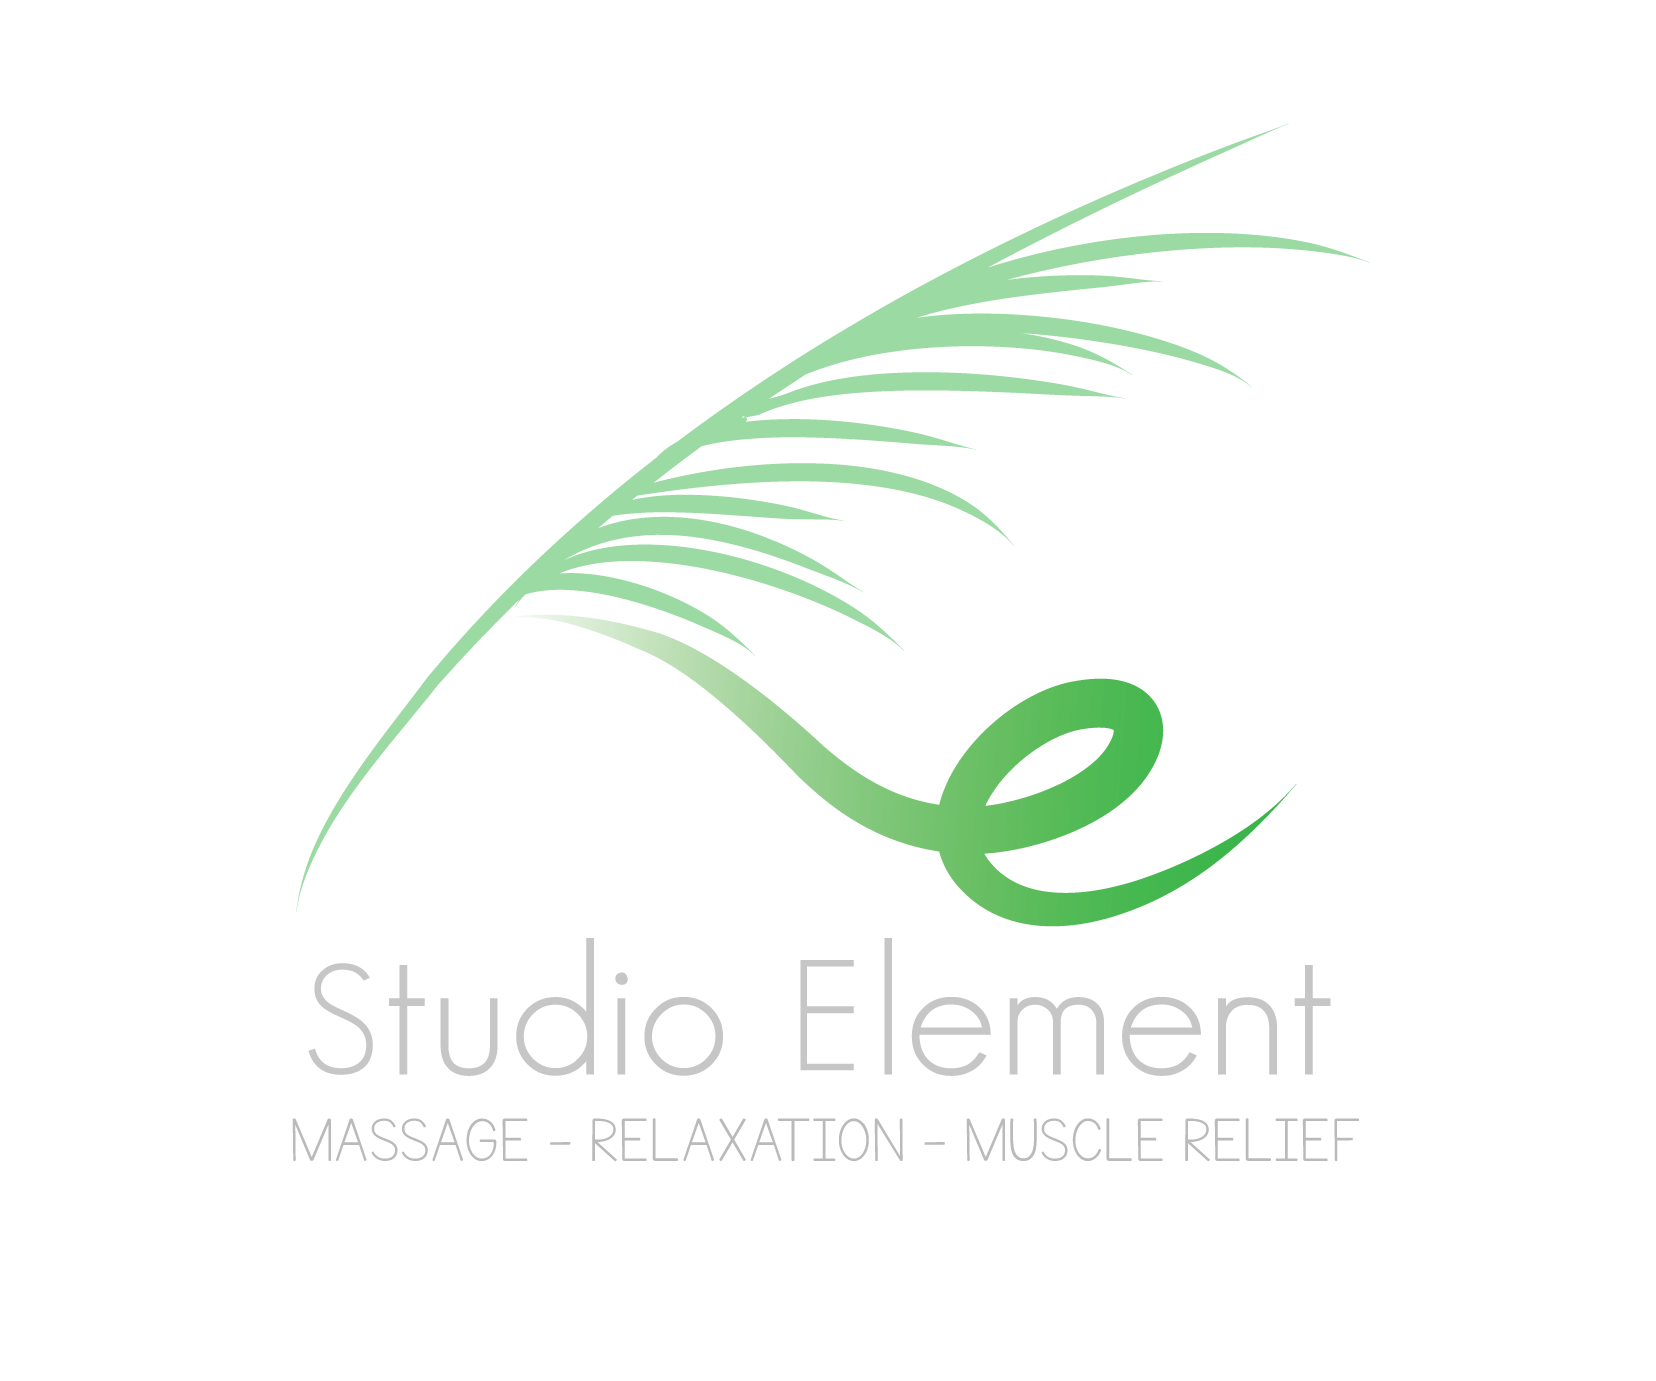 Studio-Element.png